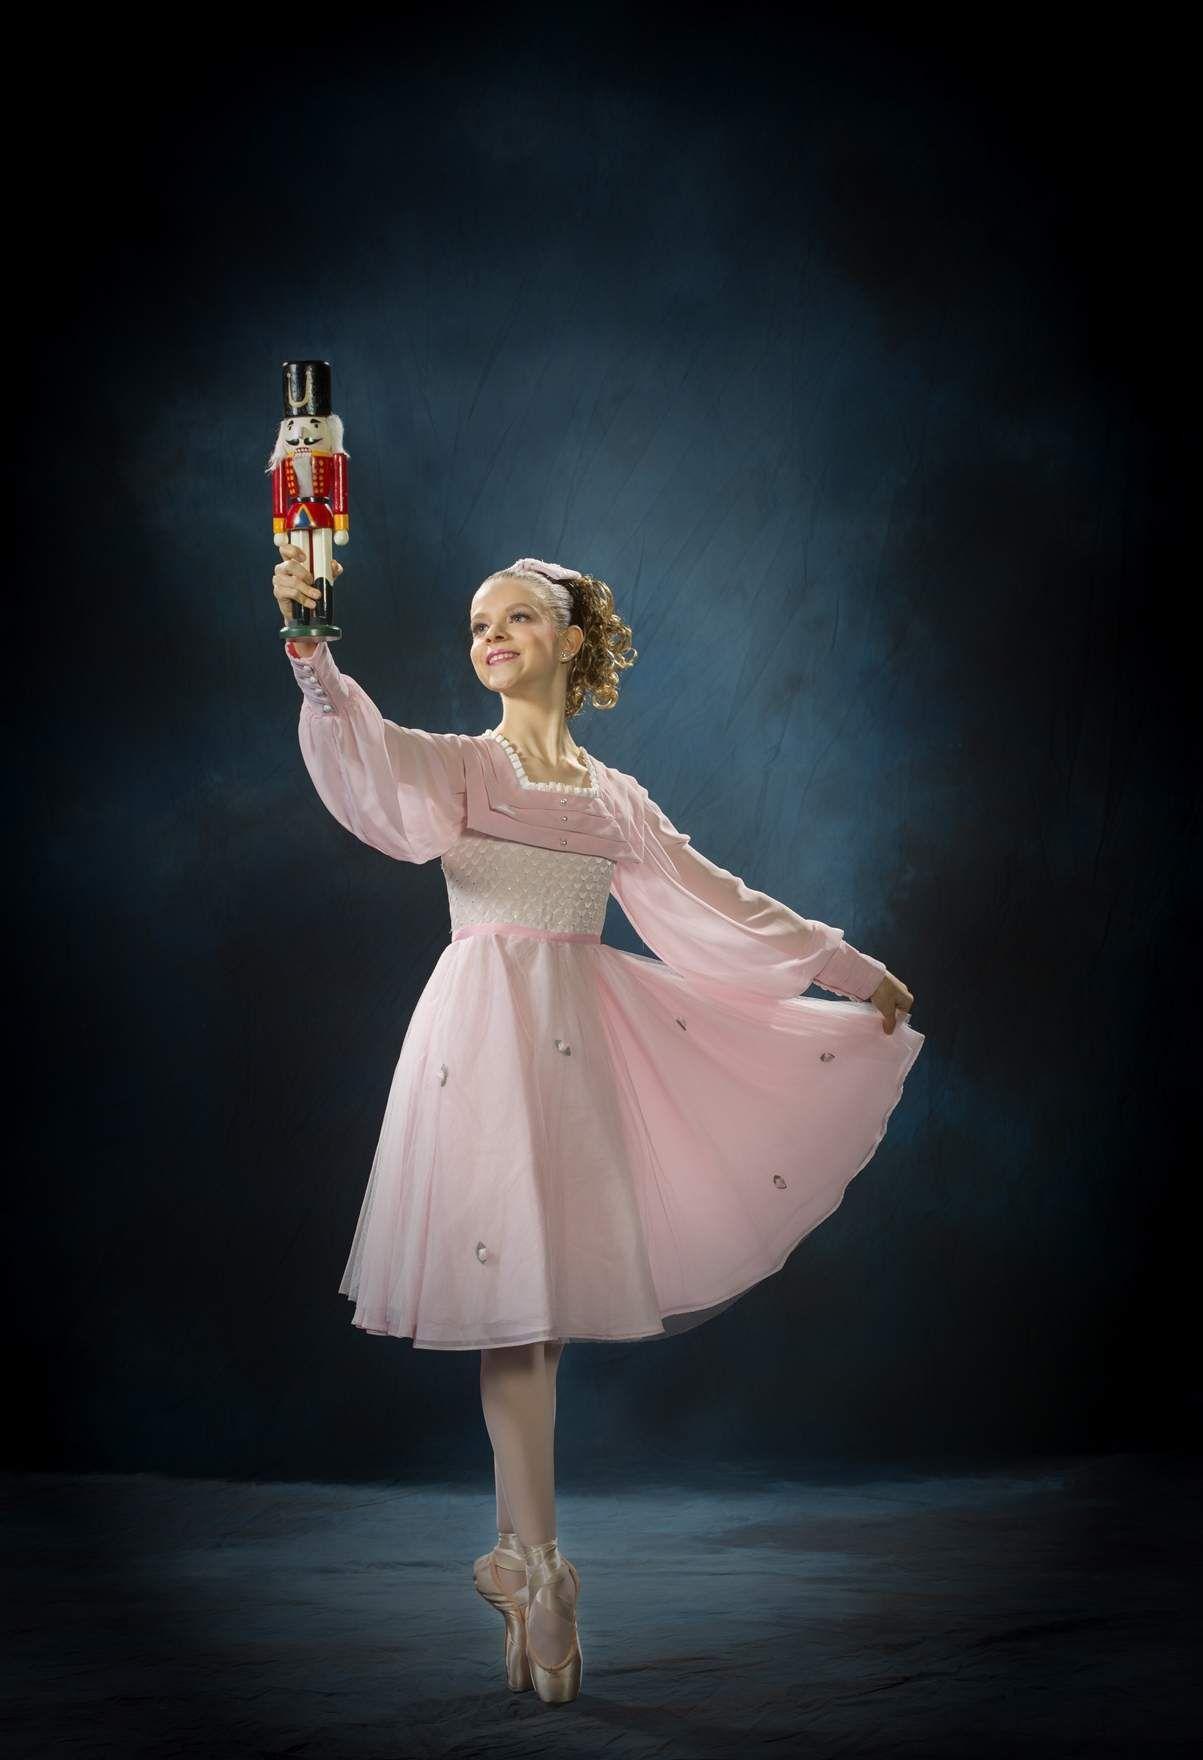 a1b17f1c5812 Image result for LITTLE GIRL NUTCRACKER PHOTO Little Ballerina